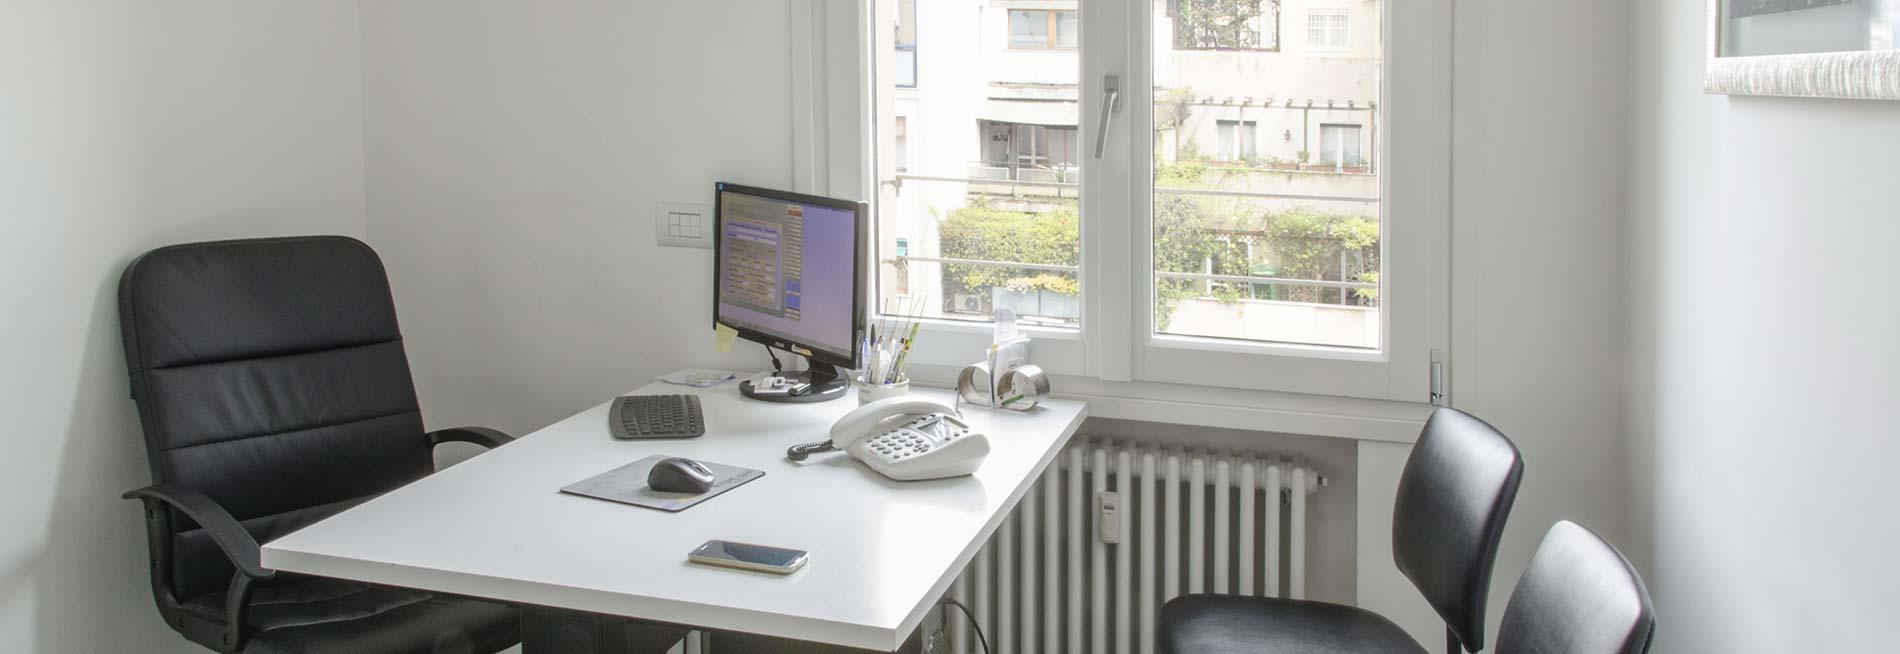 Studio_09